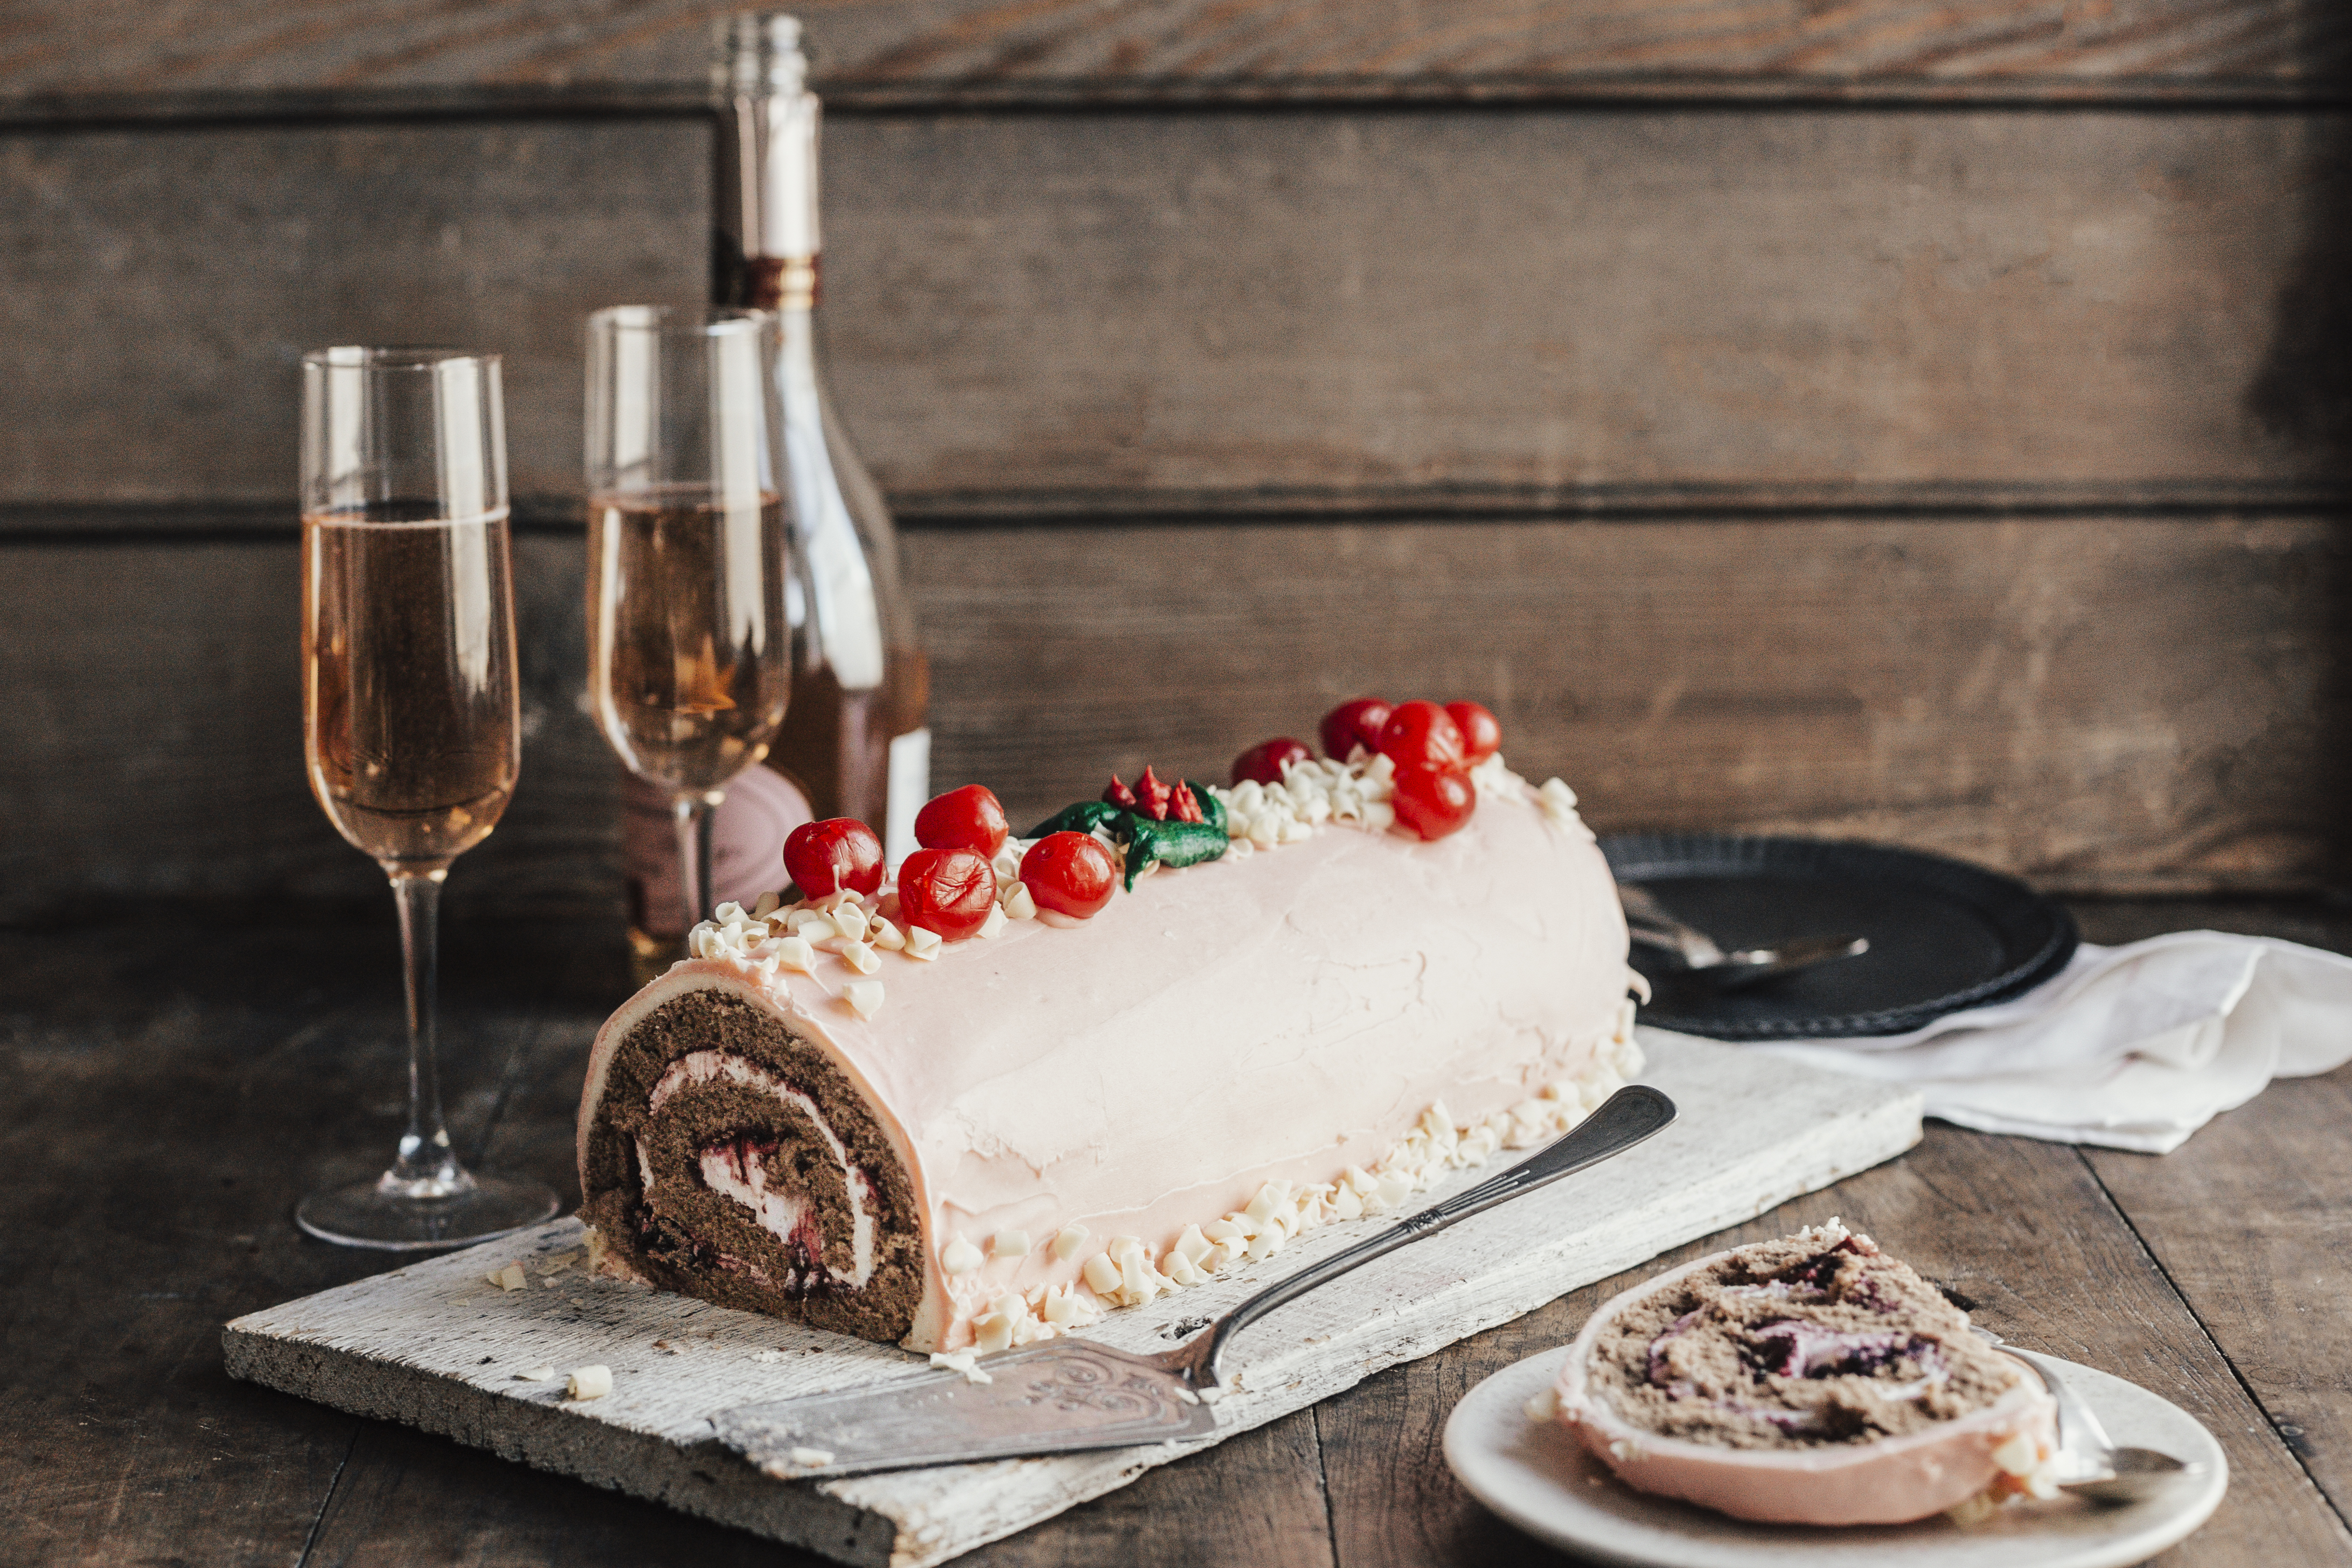 Vind de perfecte wijn voor elke kerststronk